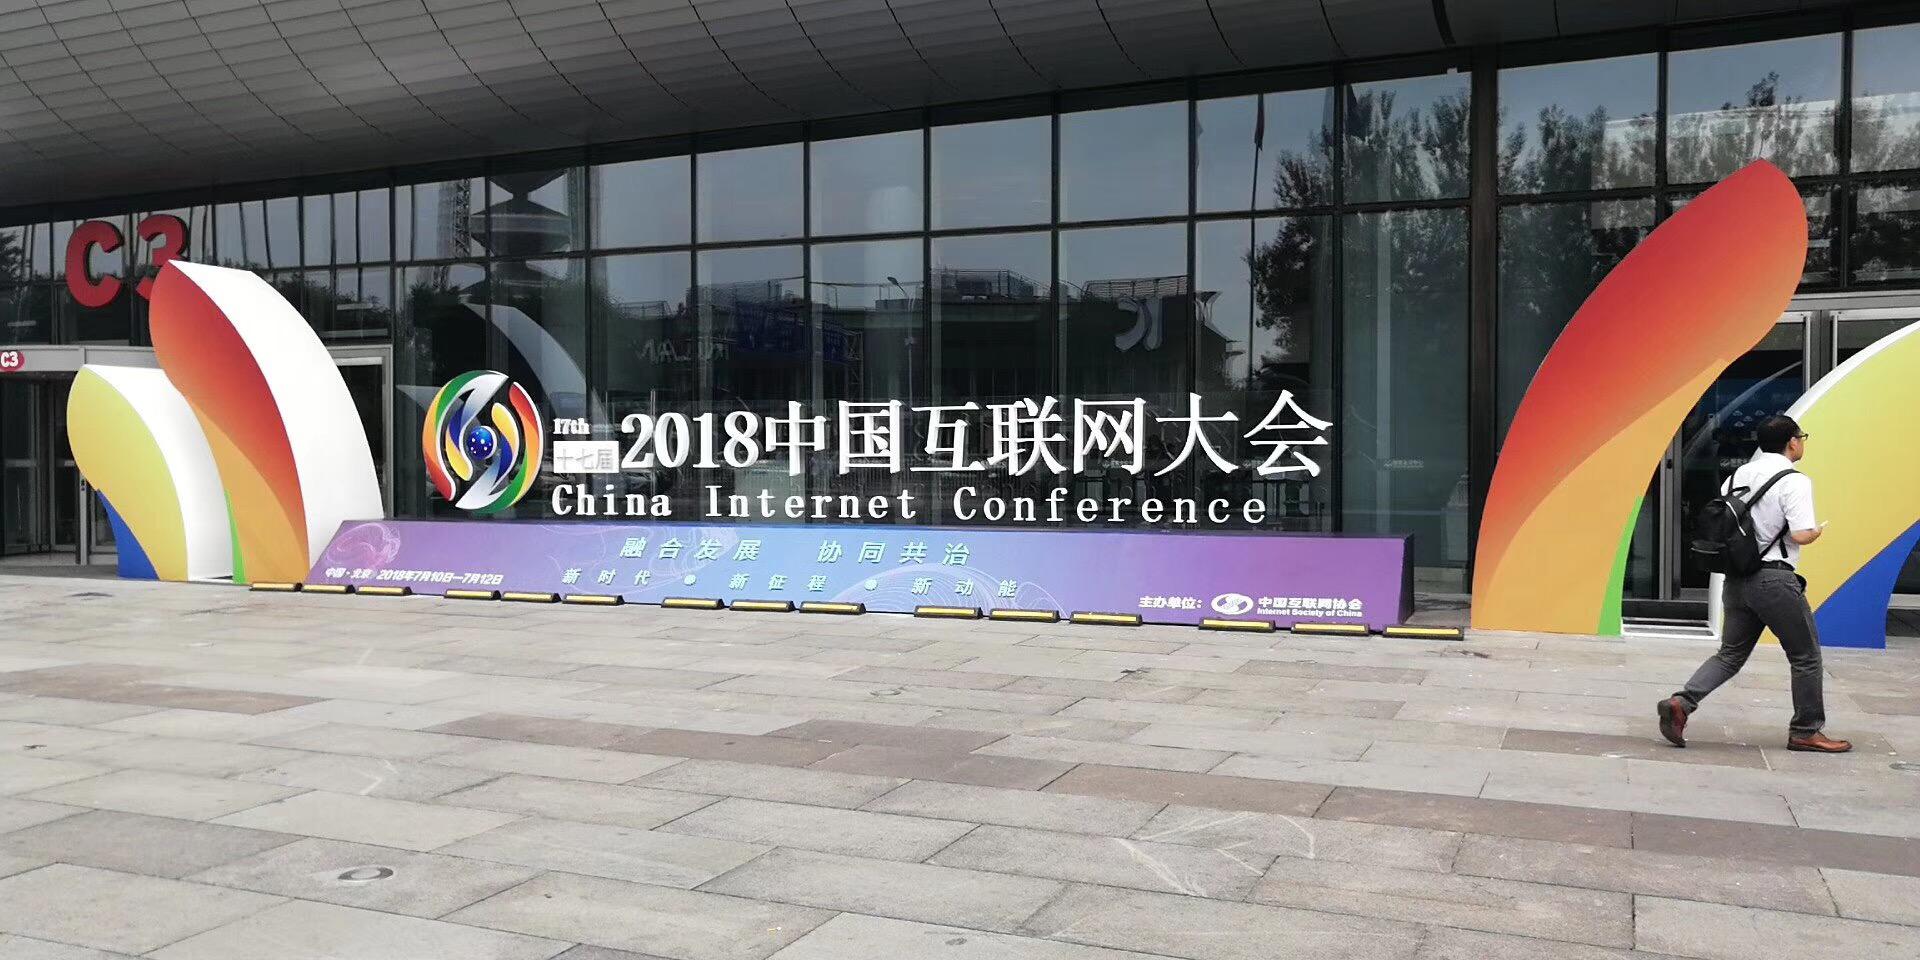 玖富万卡CEO金增笑受邀参加中国互联网大会并发表演讲